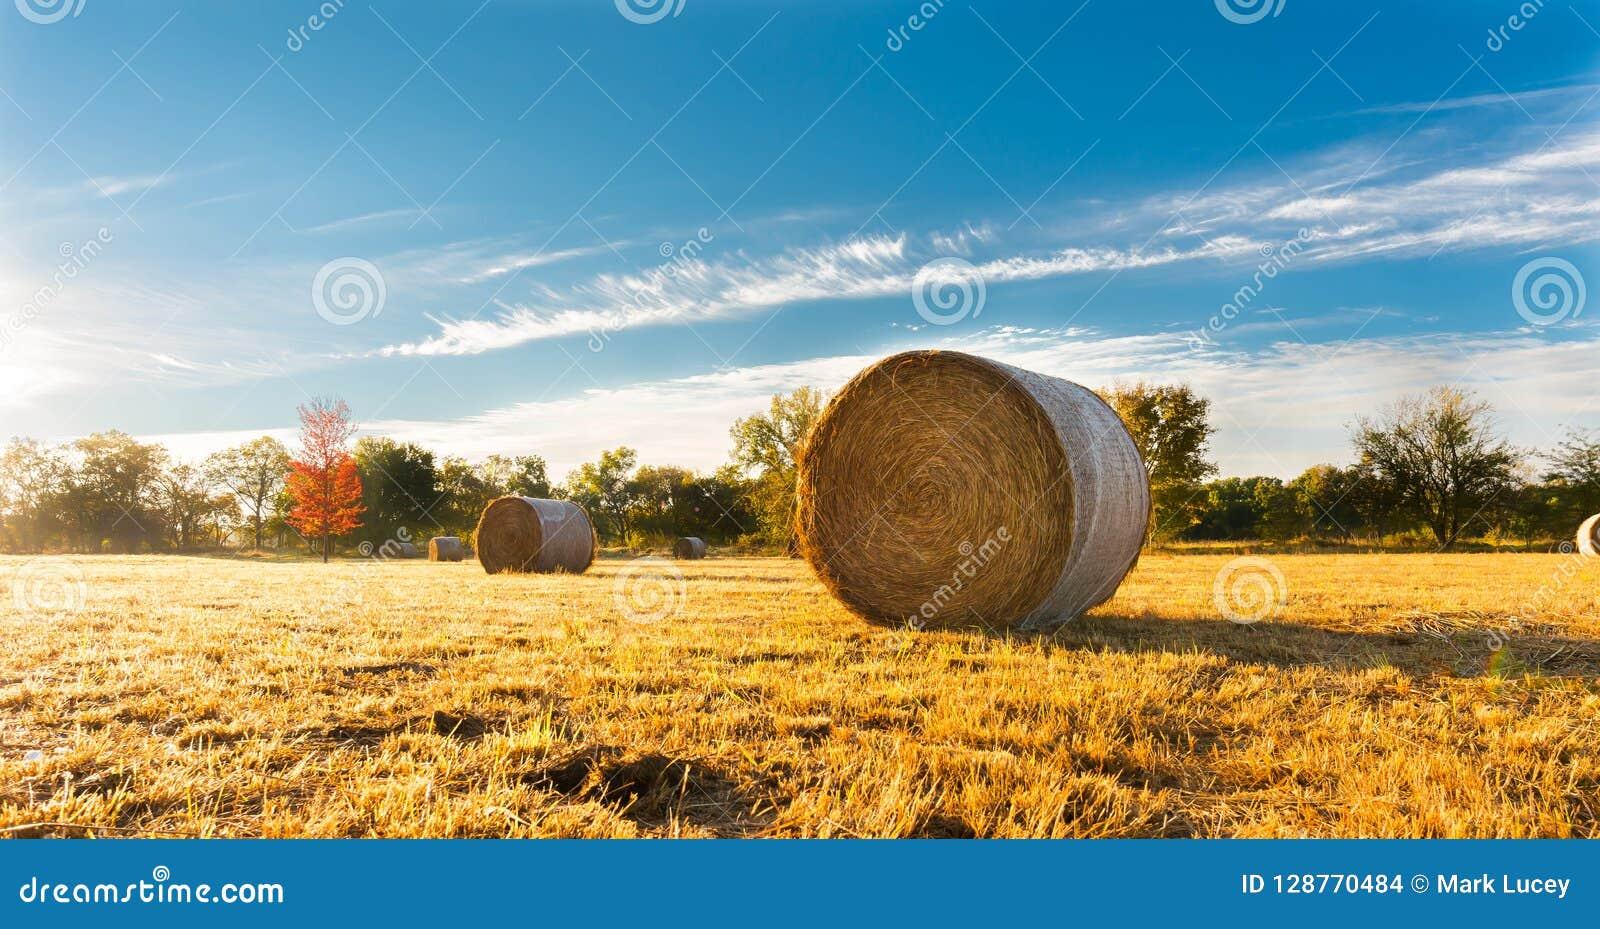 Δέμα σανού σε έναν αγροτικό τομέα